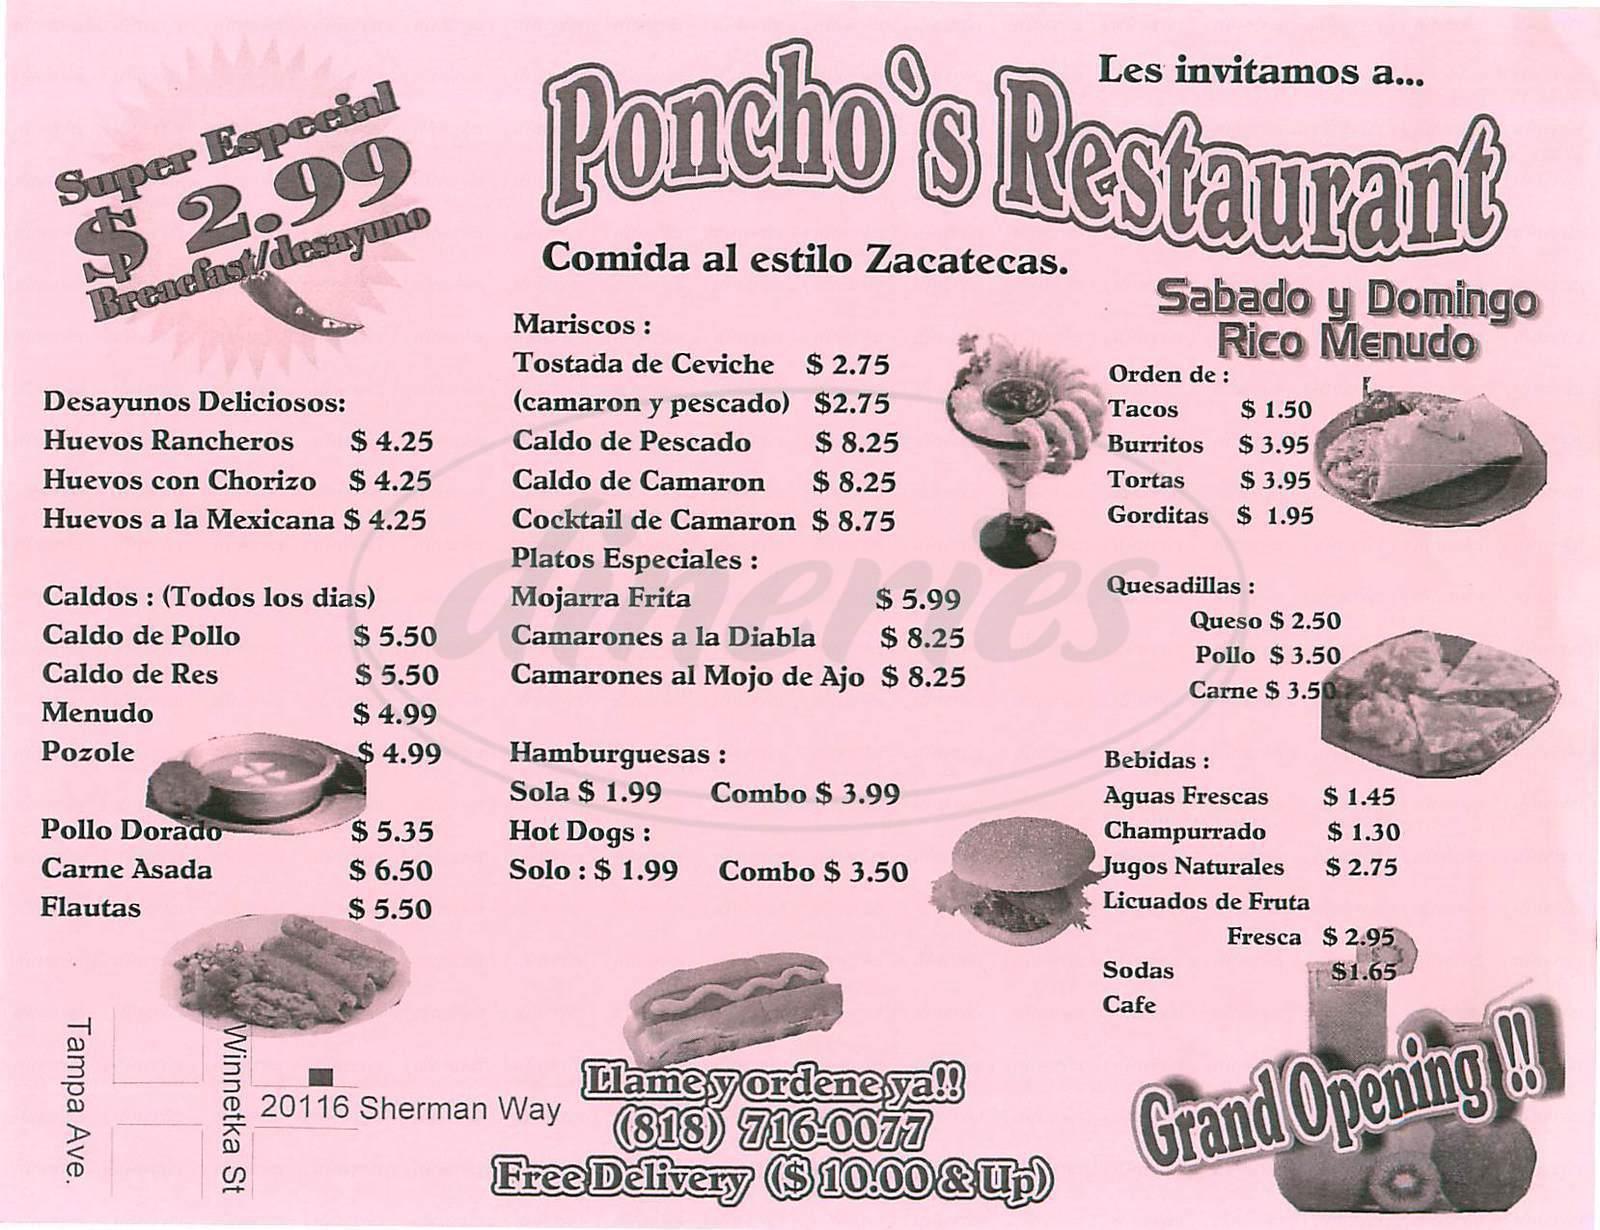 menu for Ponchos Restaurant